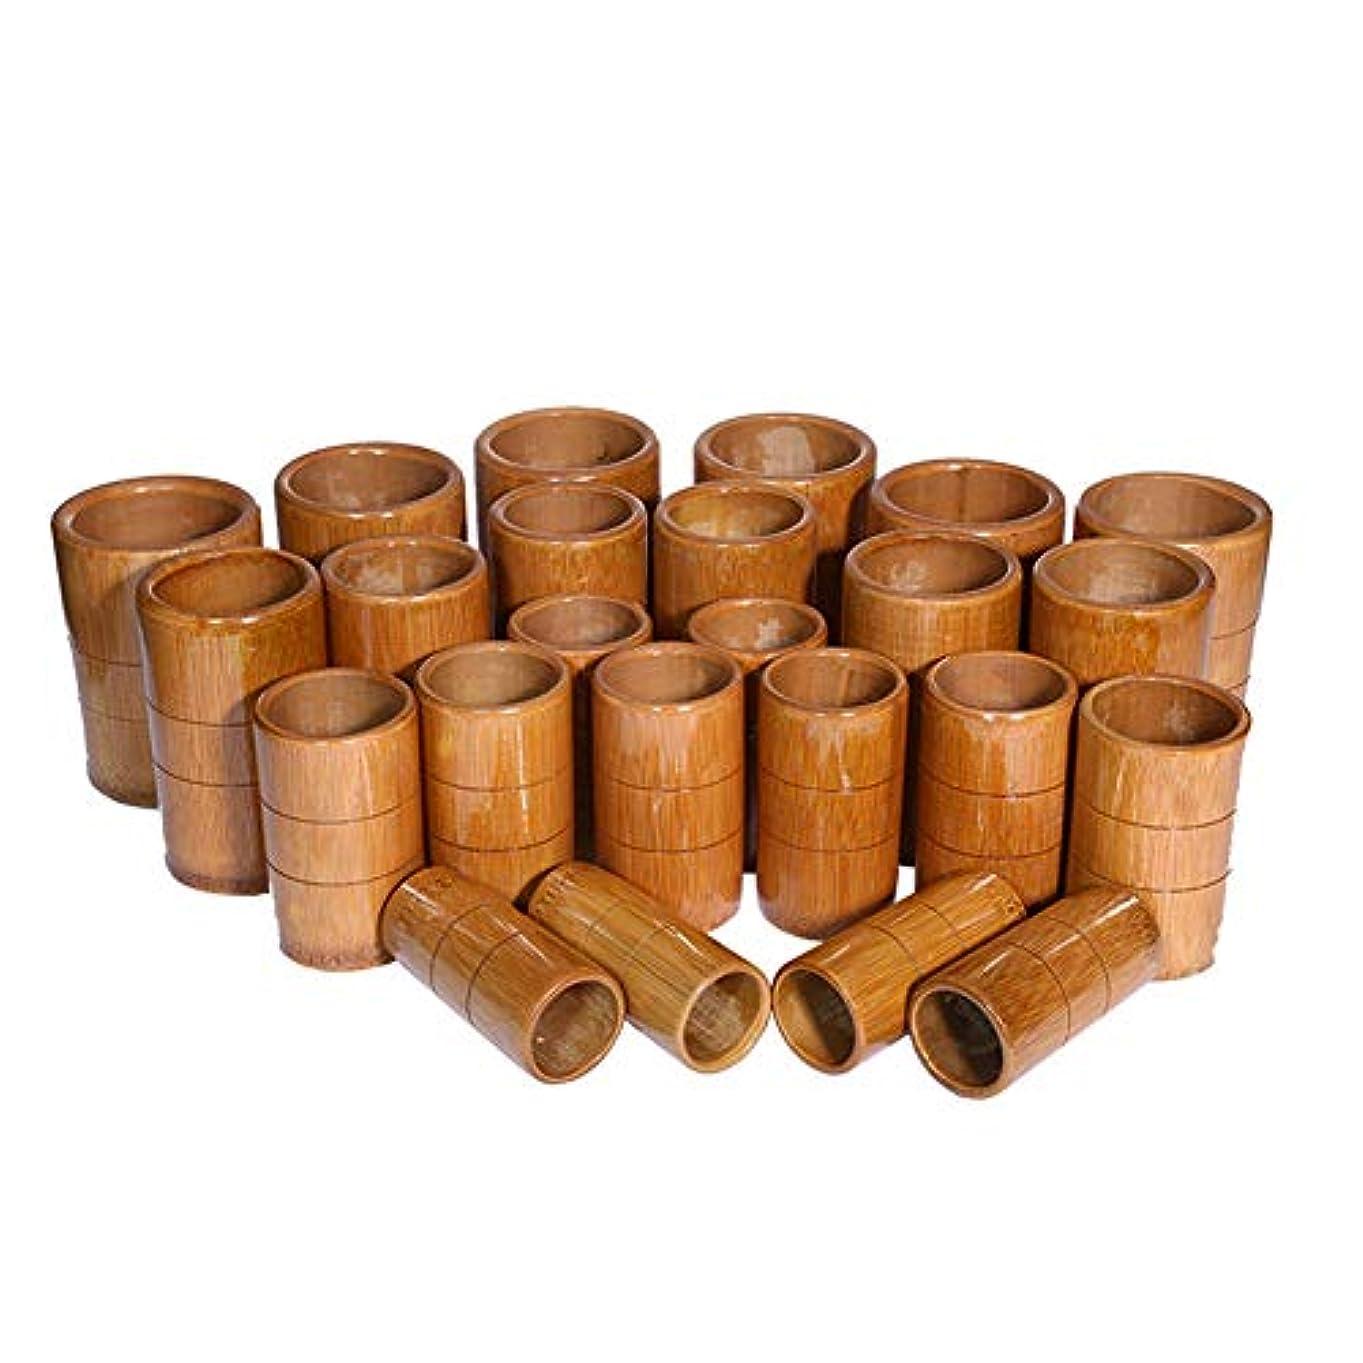 コンドーム群集期限カッピング竹療法セットマッサージ真空カップキット - 炭缶鍼灸医療吸引セット,A10pcs